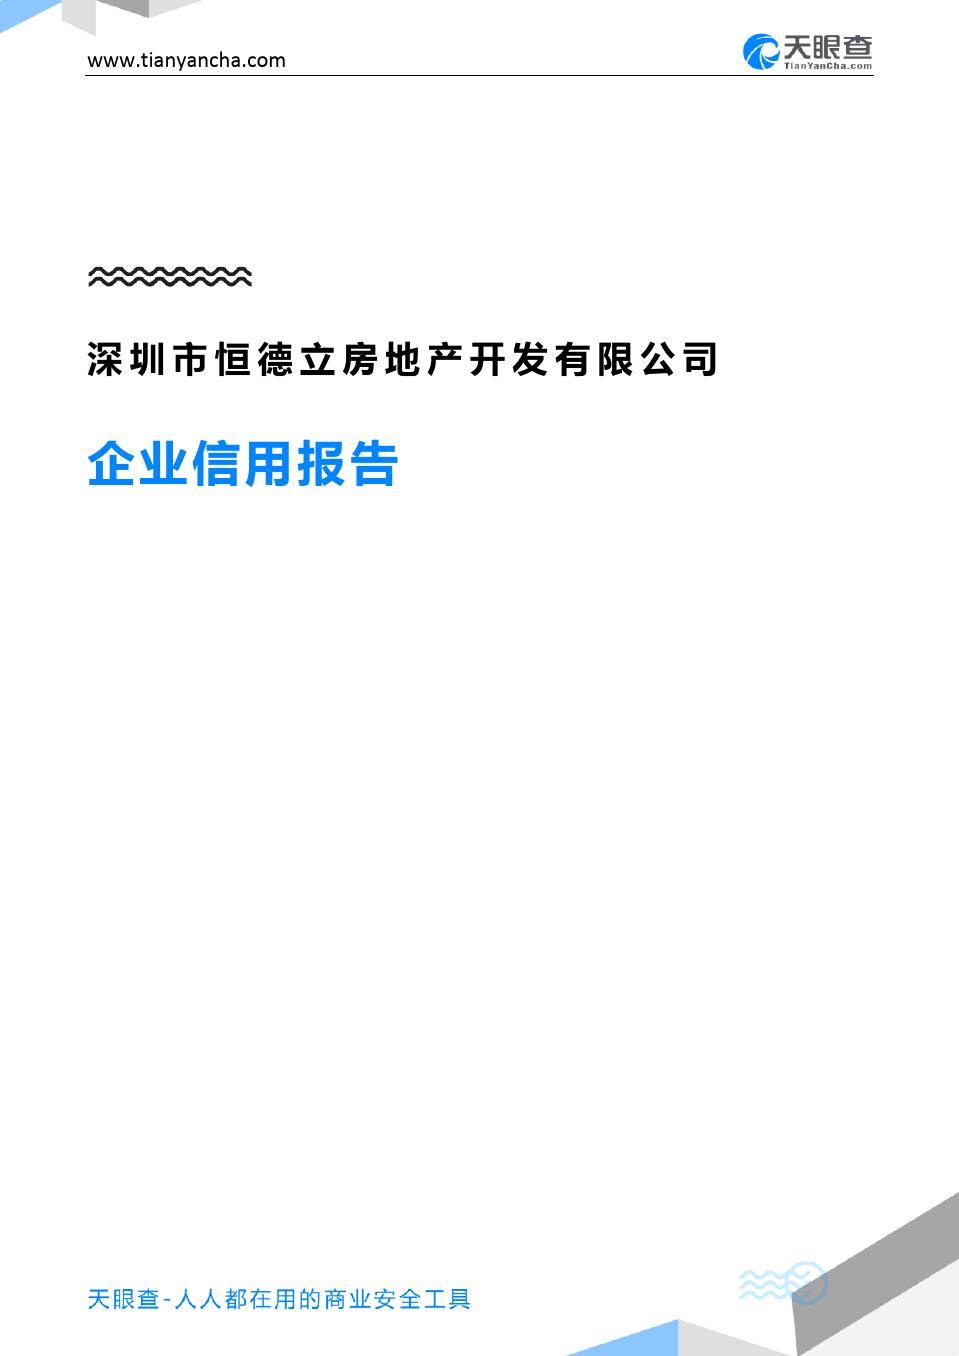 深圳市恒德立房地產開發有限公司企業信用報告-天眼查